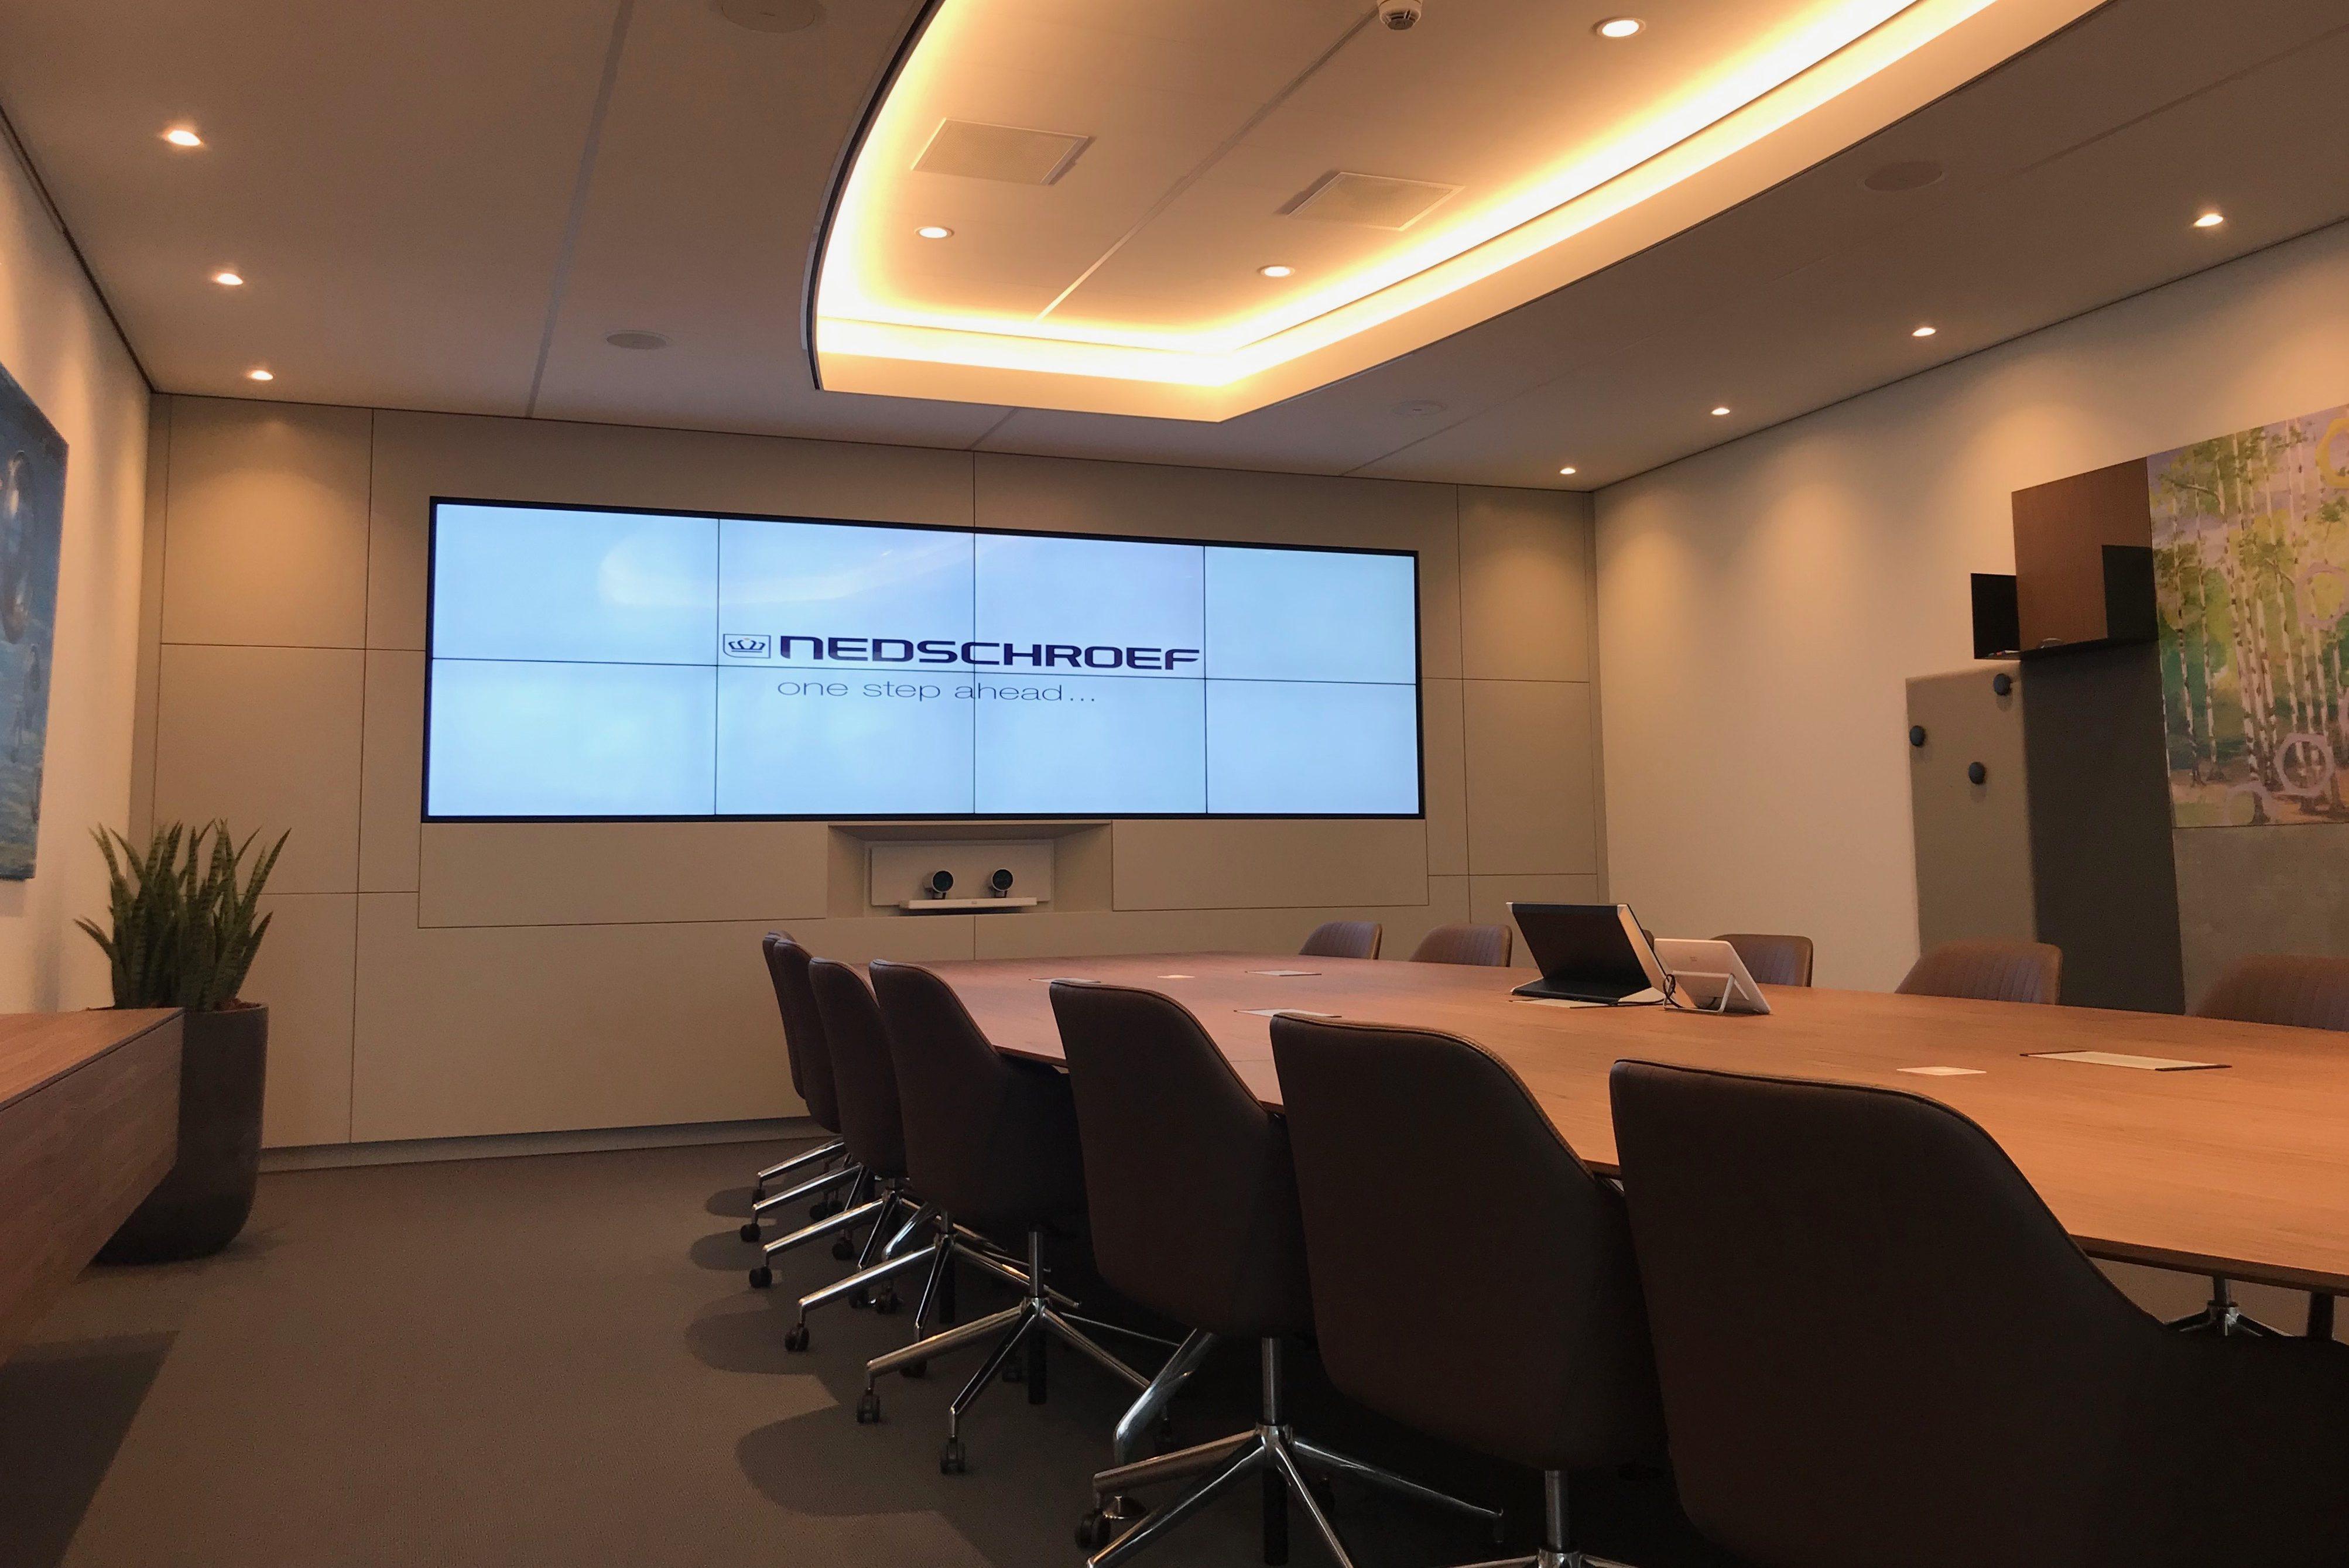 Vergaderzaal met groot scherm